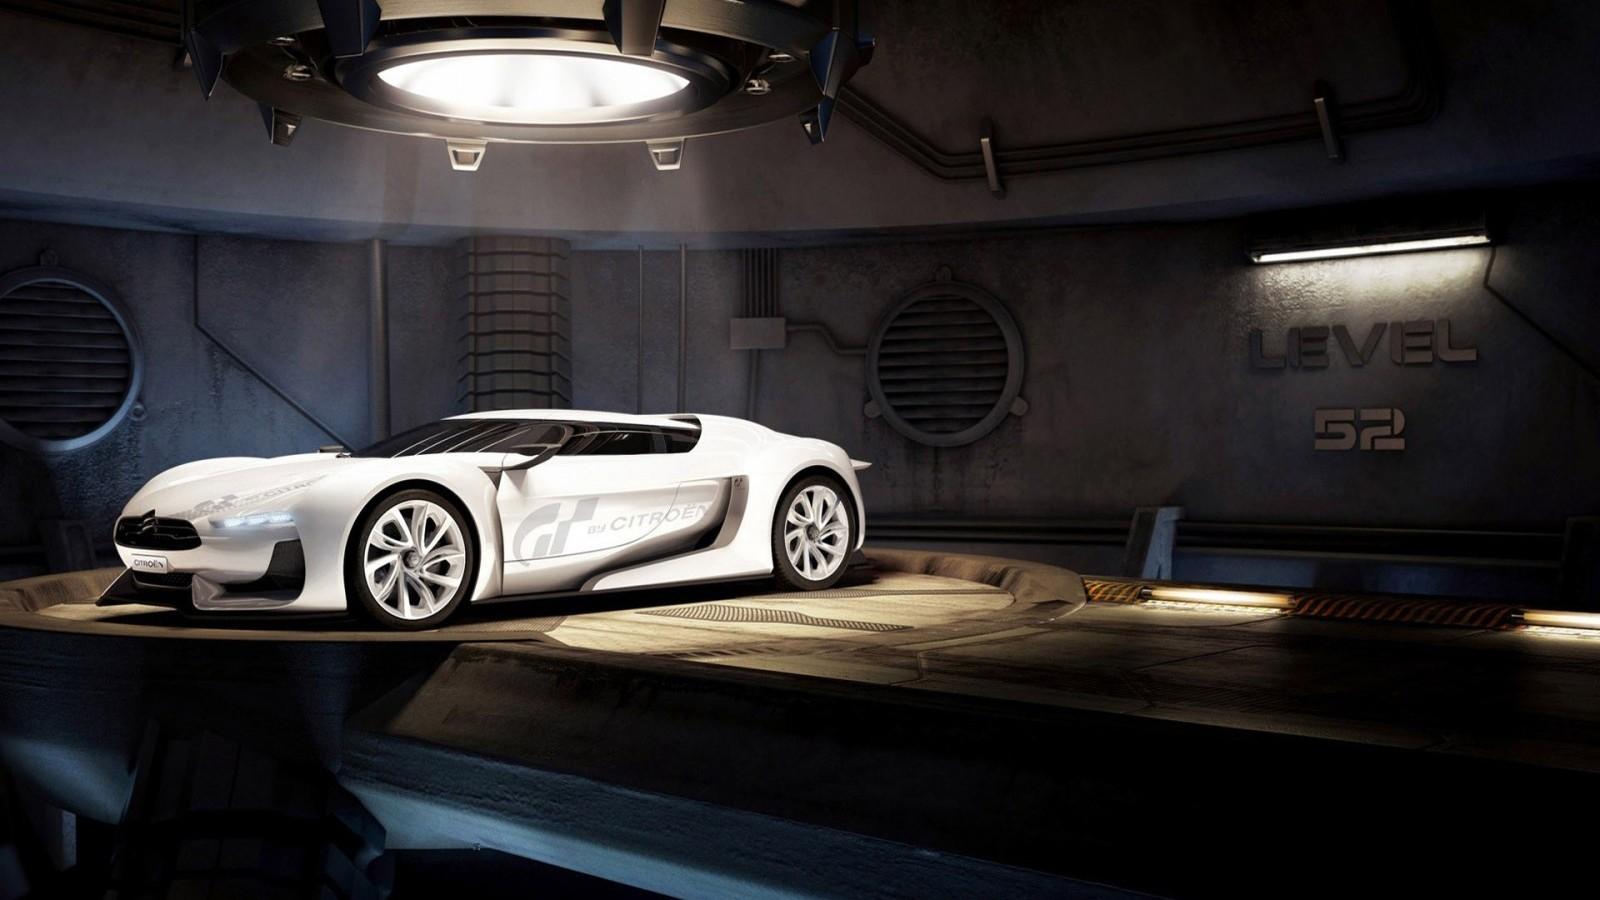 http://2.bp.blogspot.com/-T5OxDxwKstQ/UPh-N_axI_I/AAAAAAAAPMc/aXcmc-uRoiM/s1600/1600x900-Concept-car-sports-car-wallpaper-85234.jpg